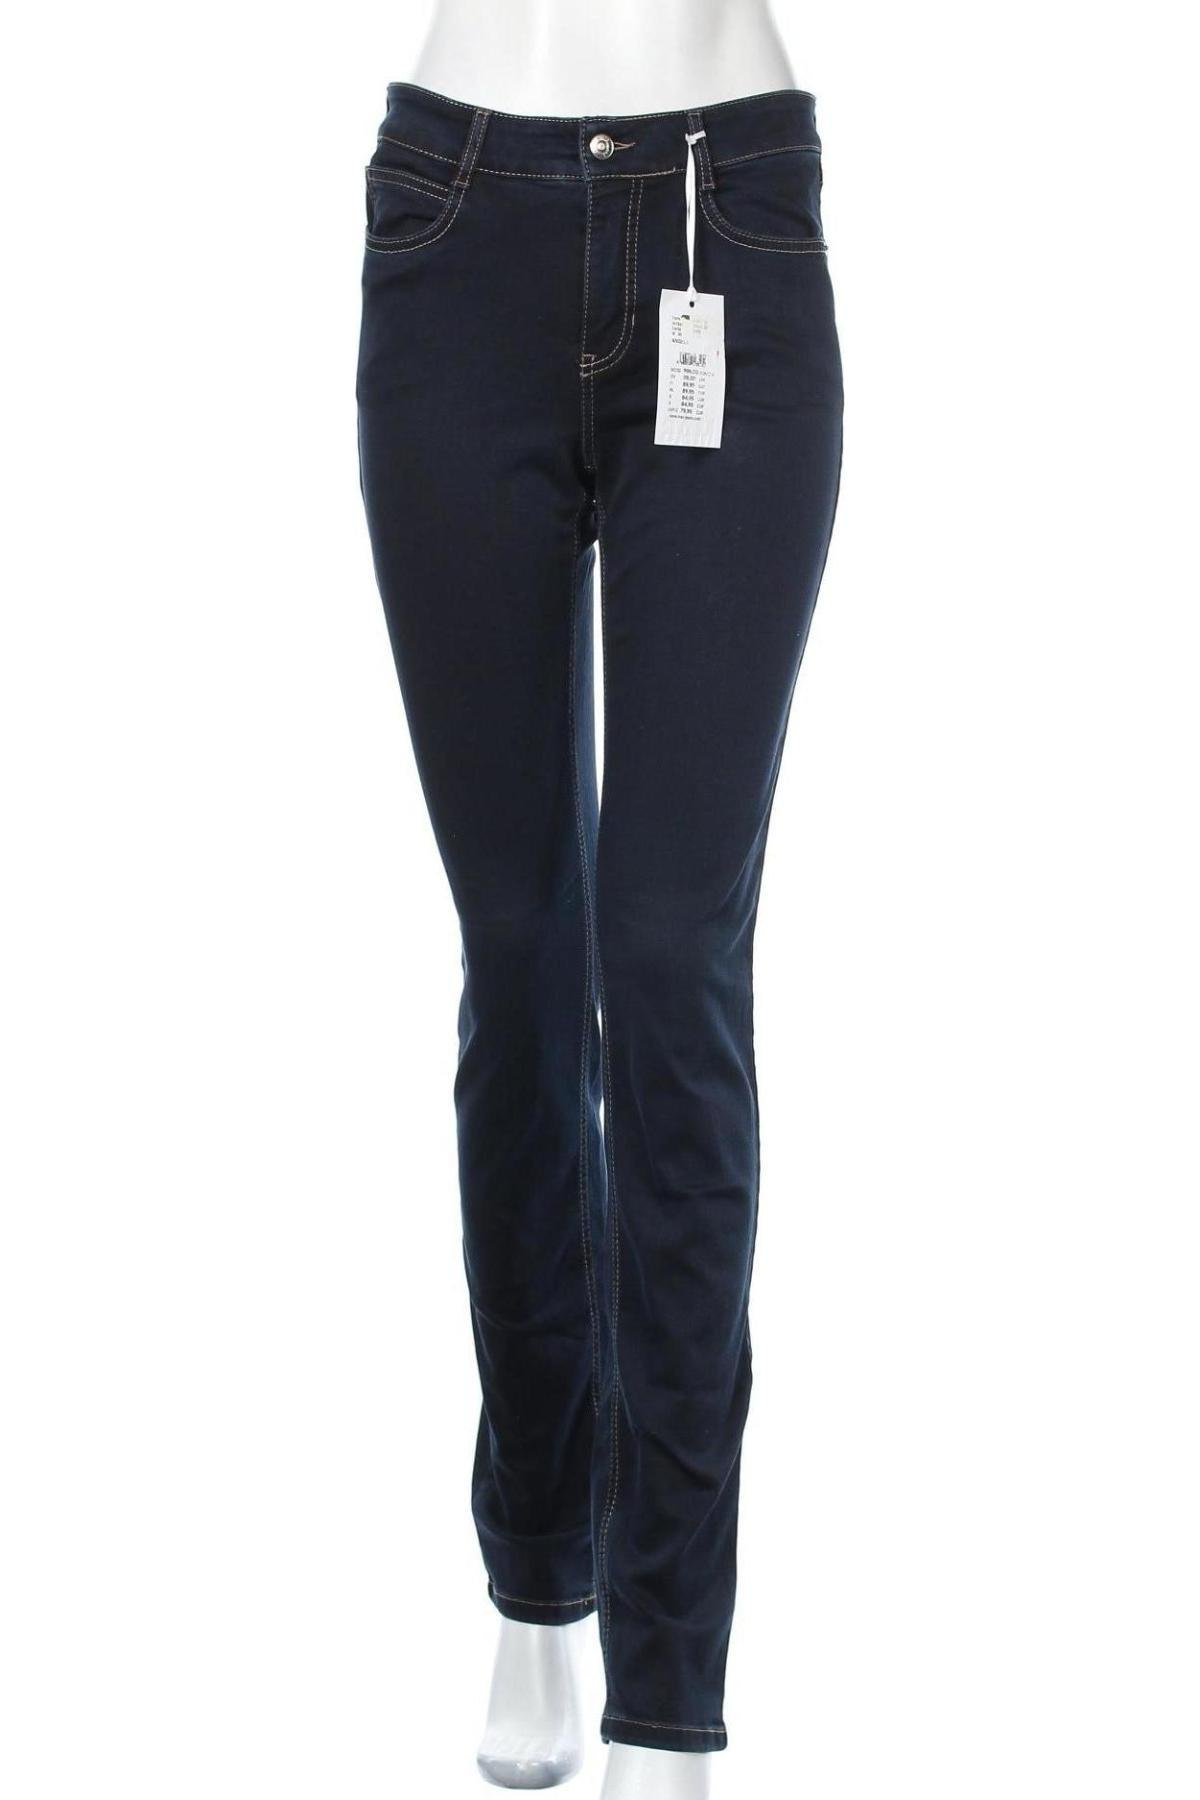 Дамски дънки Mac, Размер S, Цвят Син, 92% памук, 5% полиестер, 3% еластан, Цена 27,37лв.